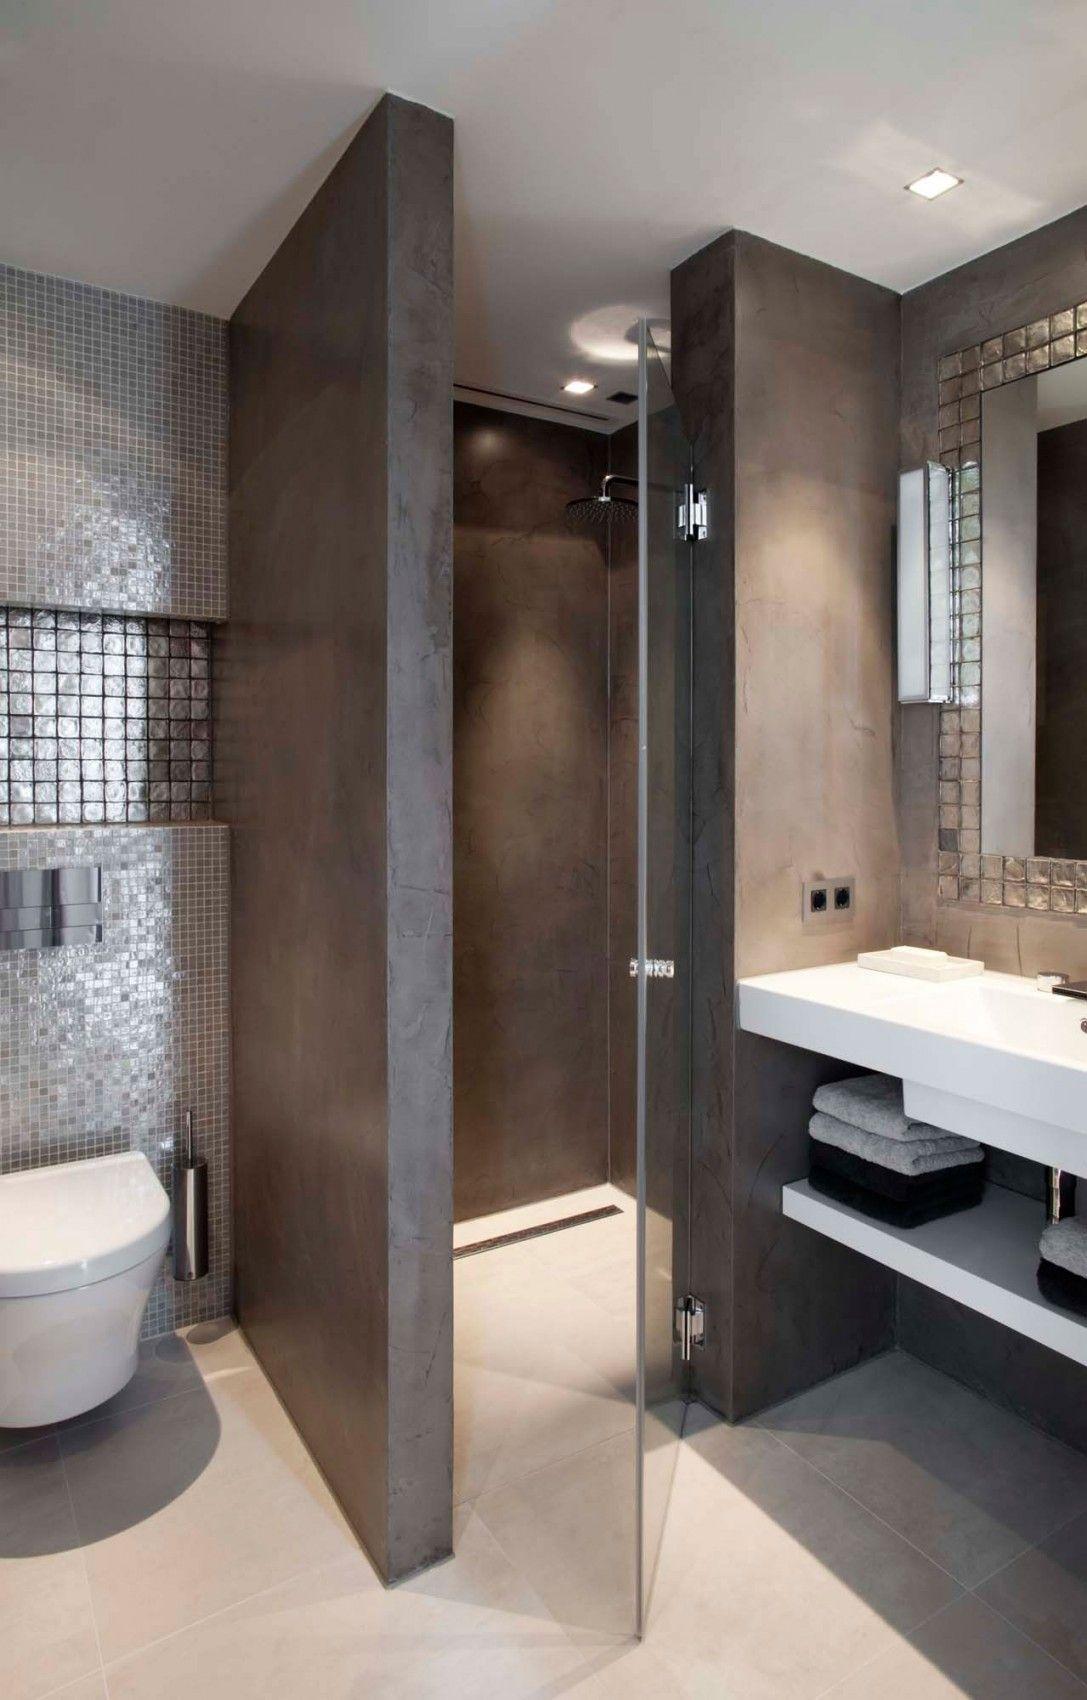 30 Small Modern Bathroom Ideas: Essentials Interieur & Roy De Scheemaker Work Together To